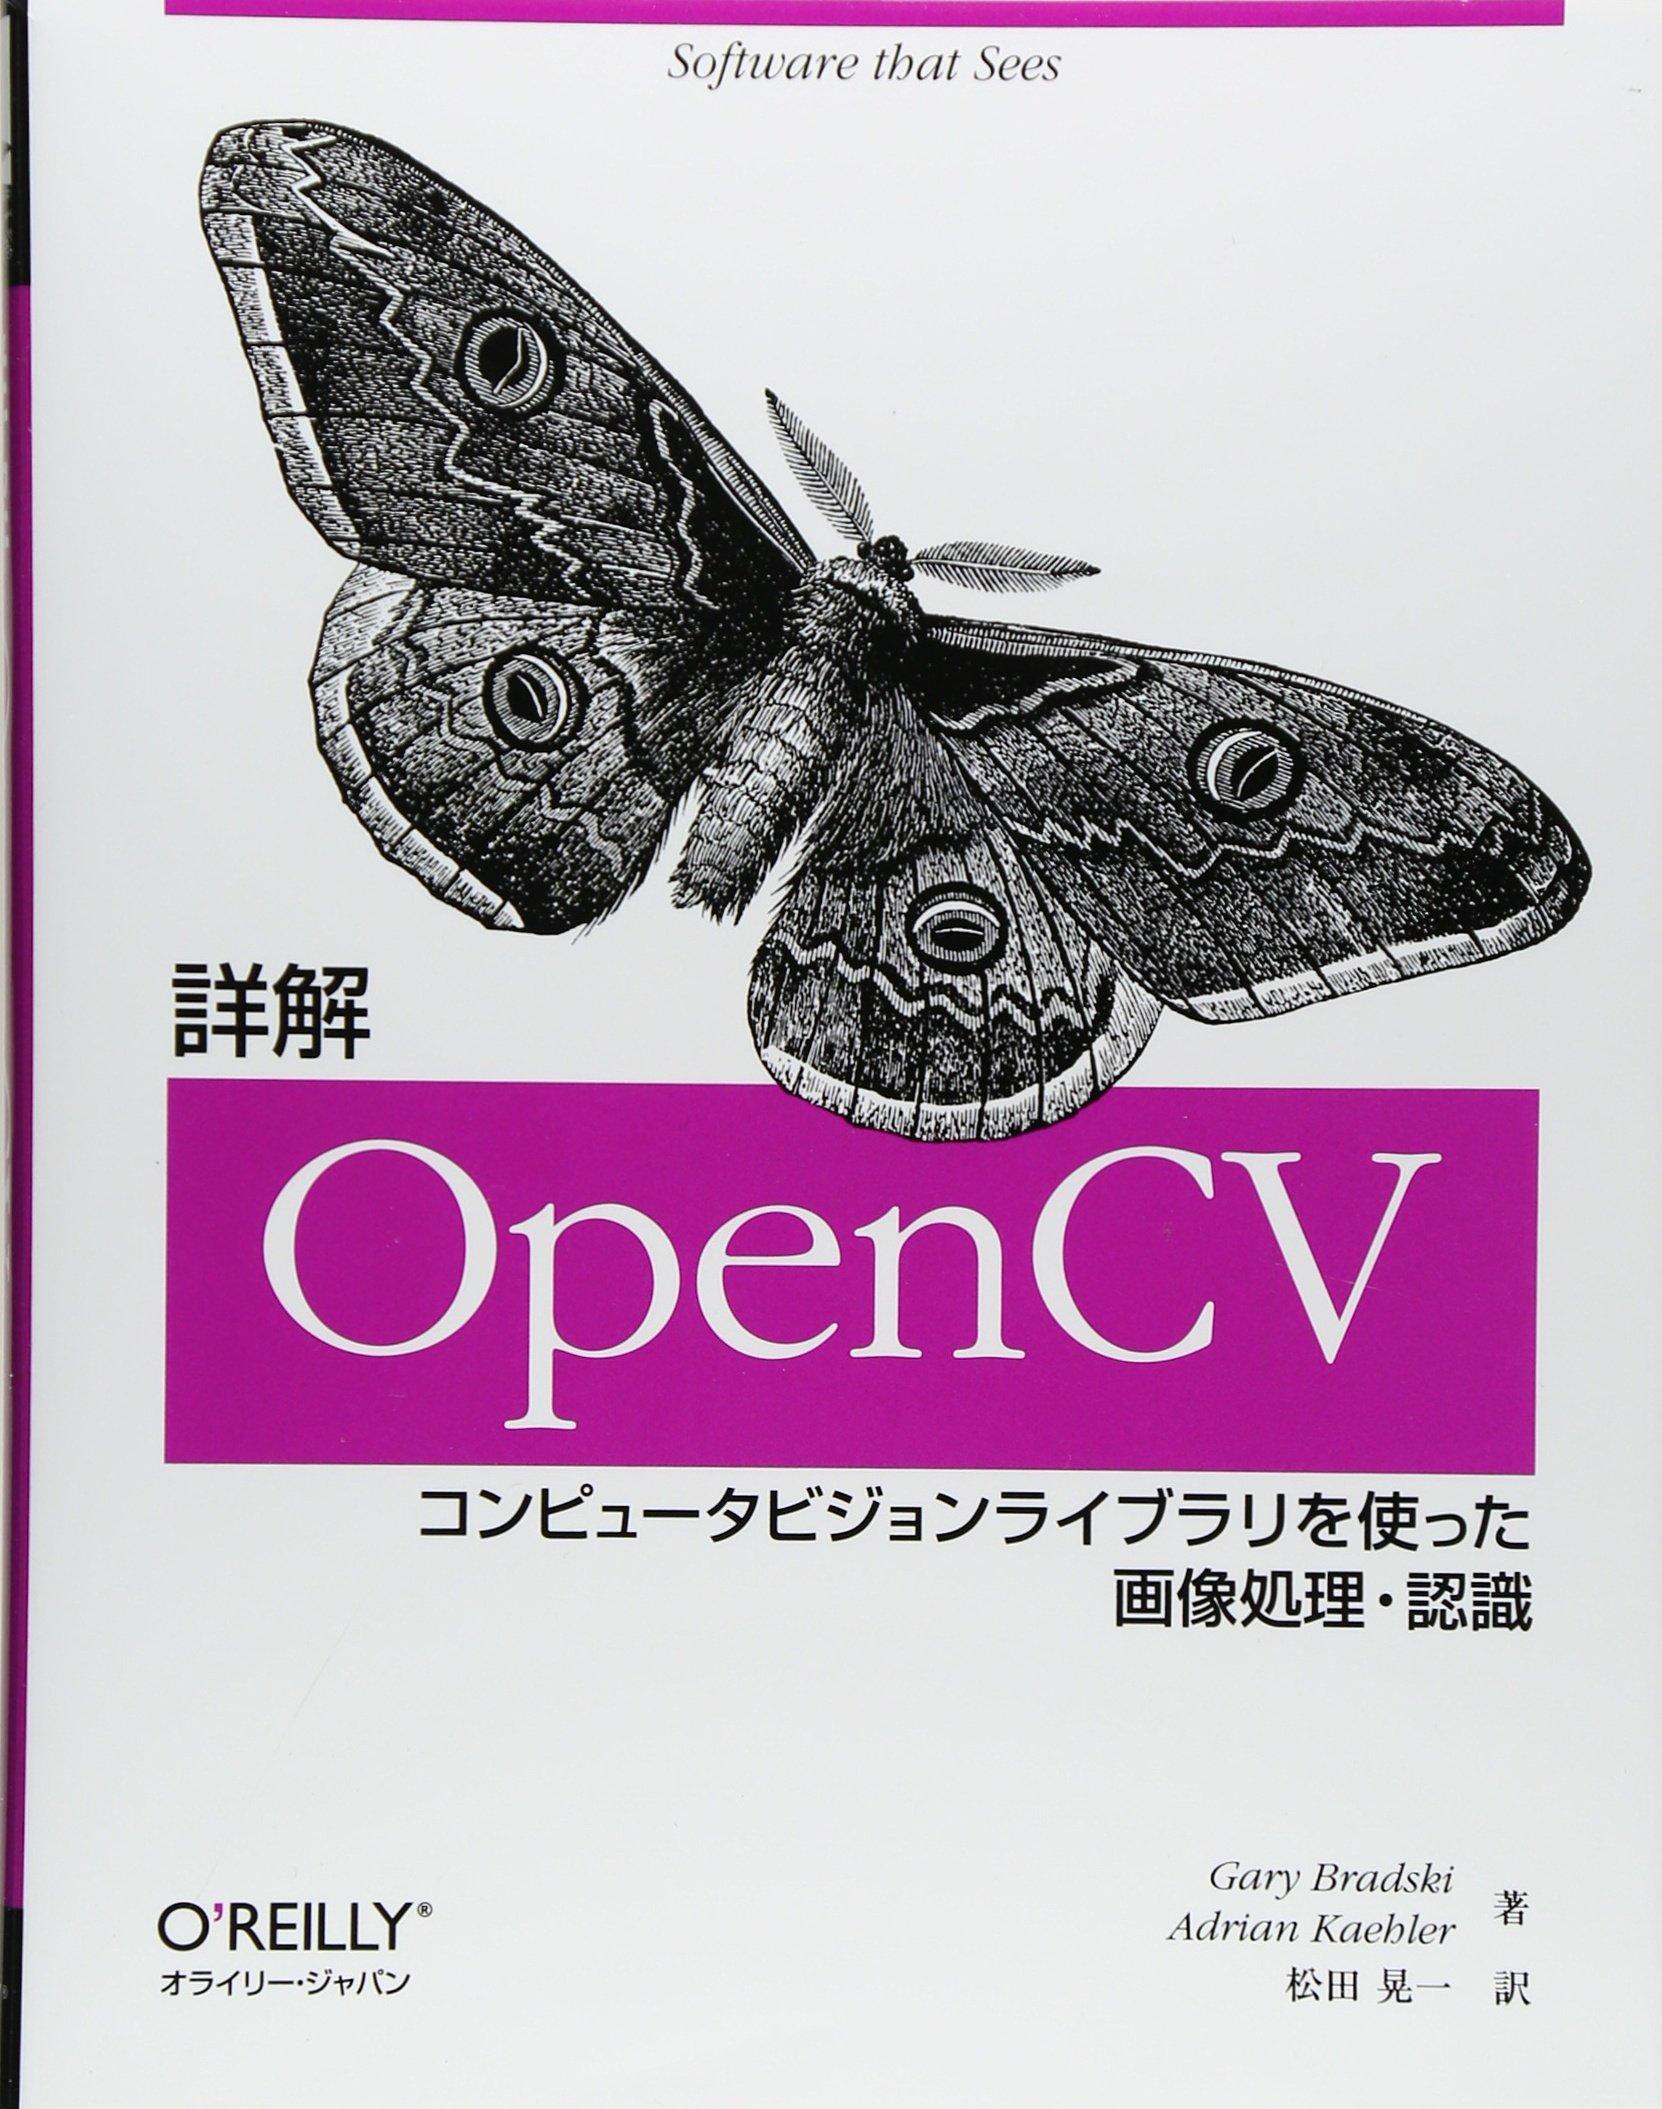 Shōkai Ōpun Shībui: Konpyūta Bijon Raiburari O Tsukatta Gazō Shori Ninshiki pdf